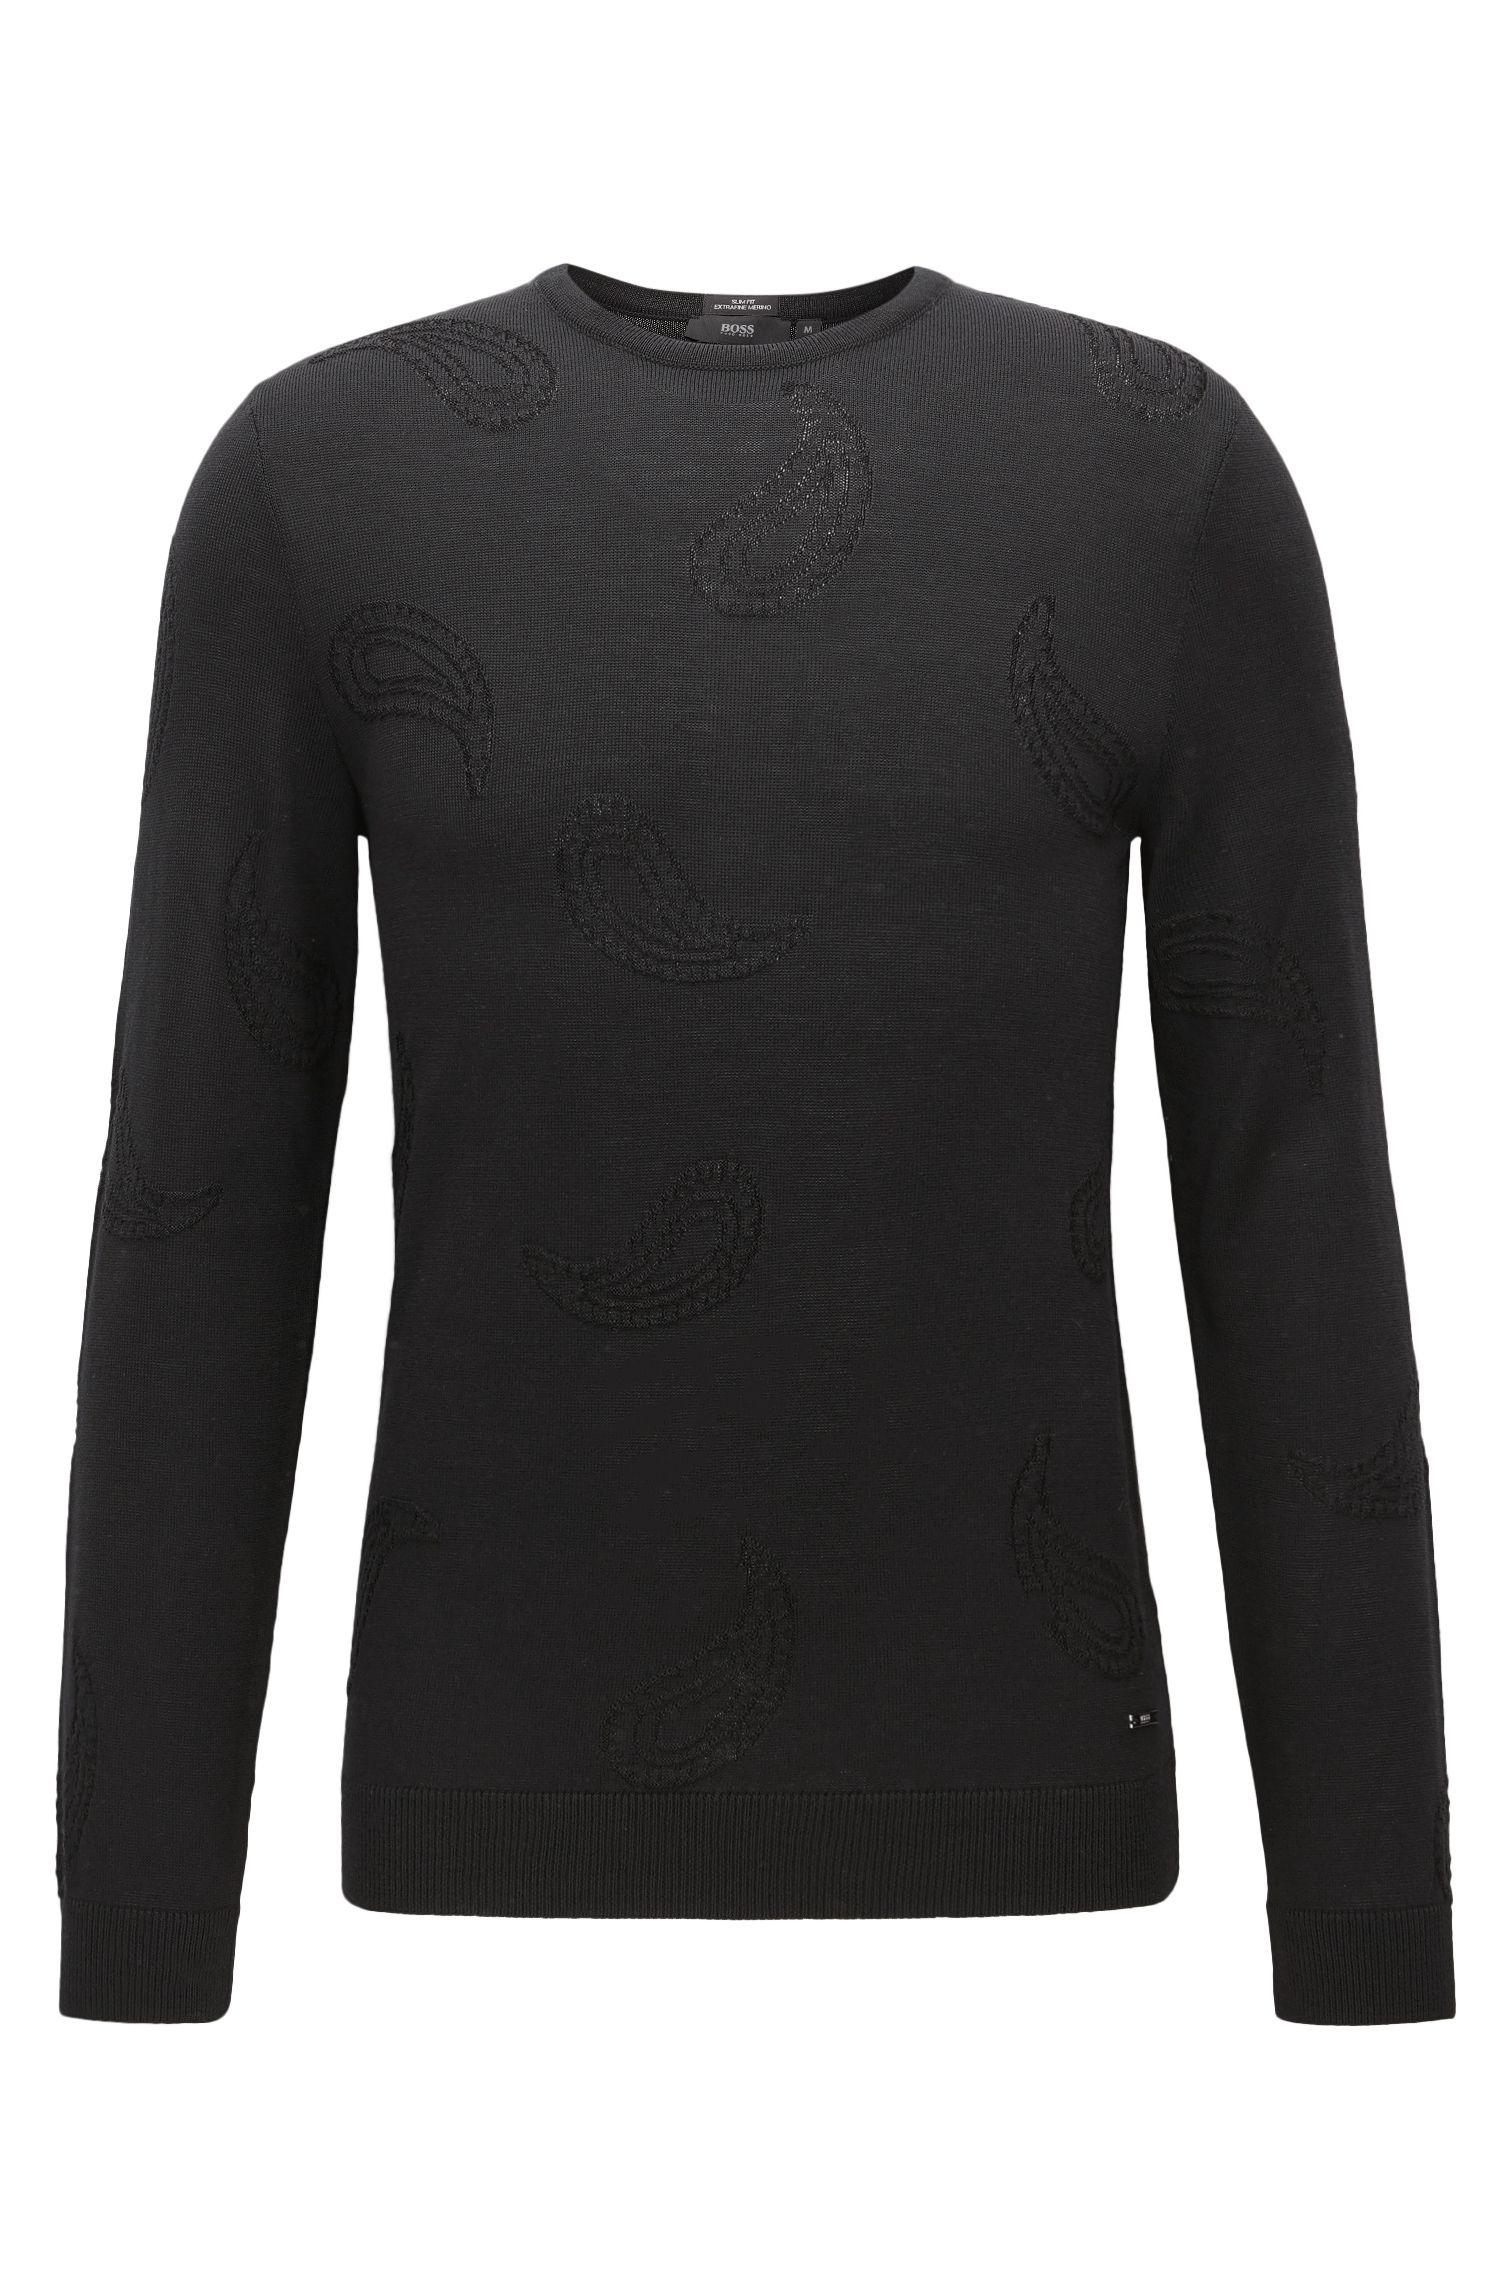 Maglione a girocollo in misto lana con motivo Paisley ricamato